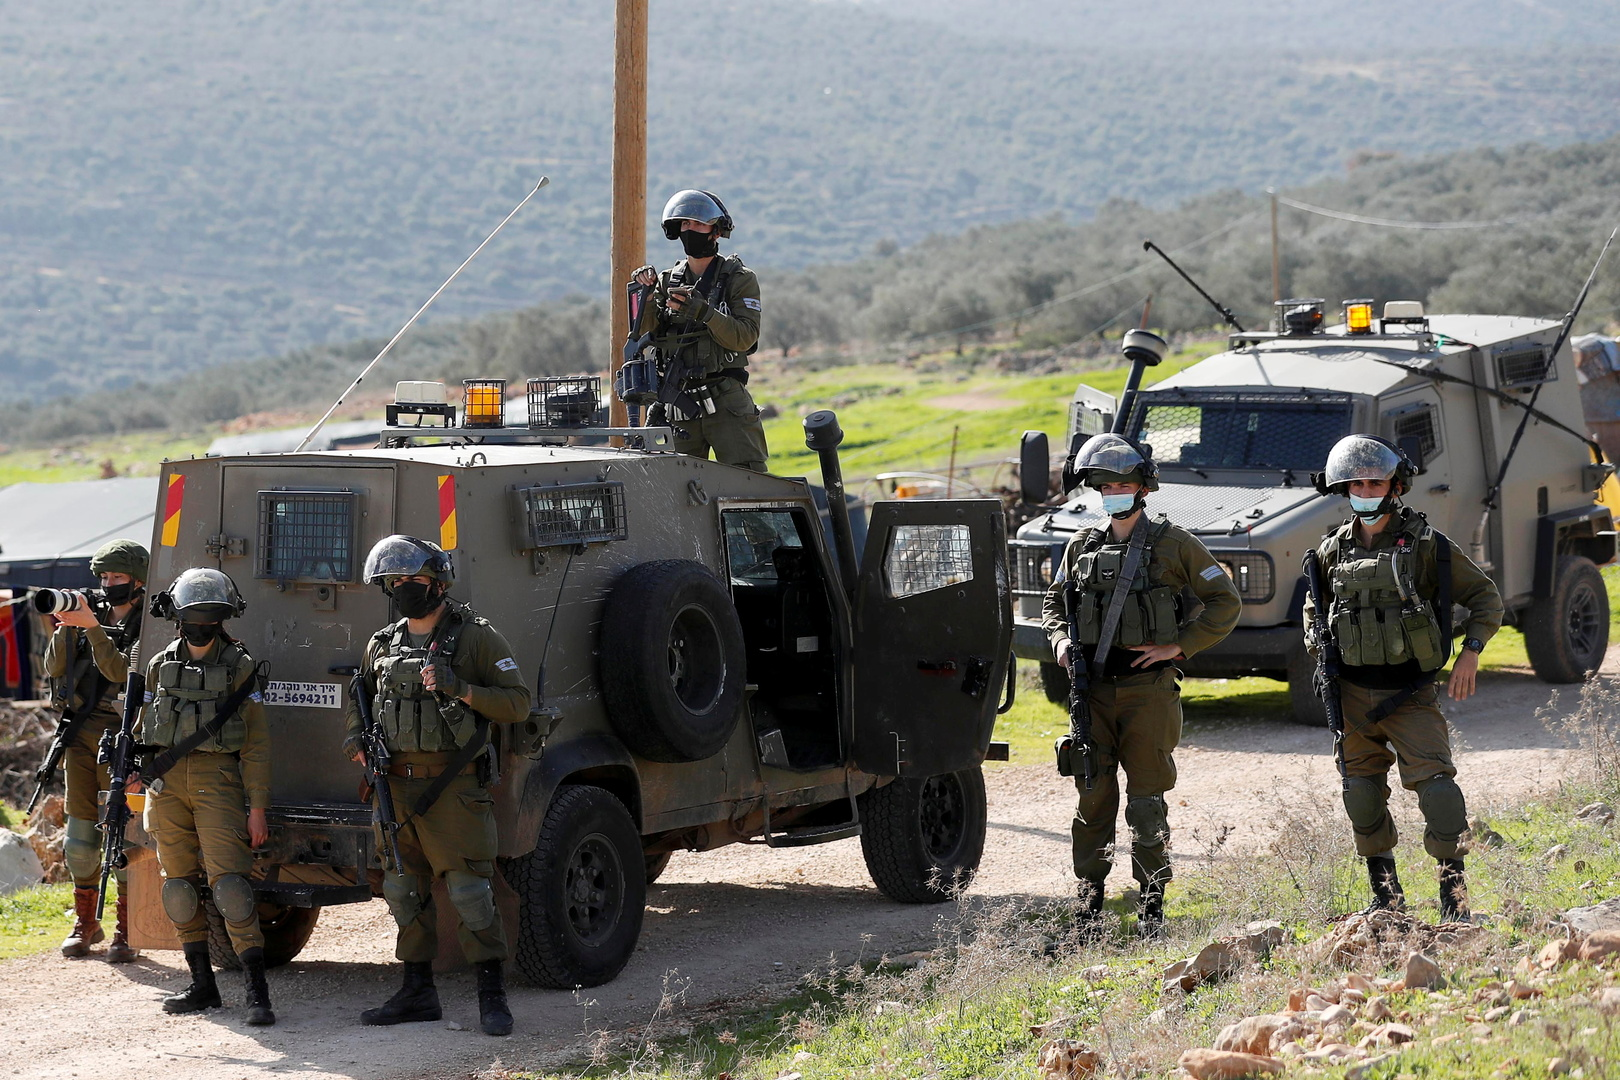 الجيش الإسرائيلي: محاولة دهس وإطلاق نار قرب قرية يعبد في قضاء جنين